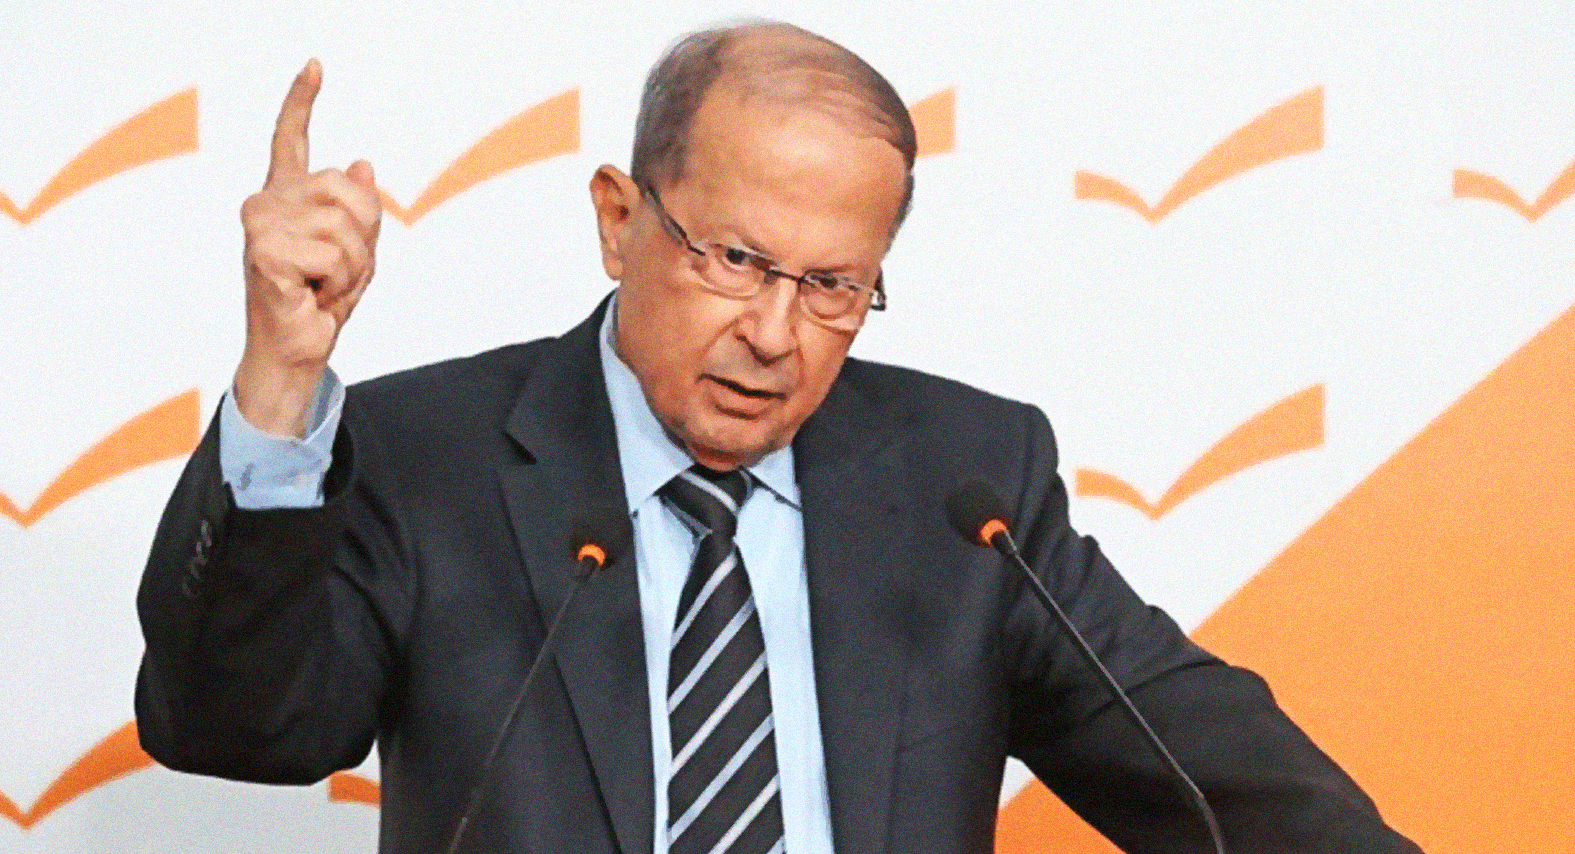 صورة عون يستهل القمة الاقتصادية العربية بشكر نفسه على حضورها